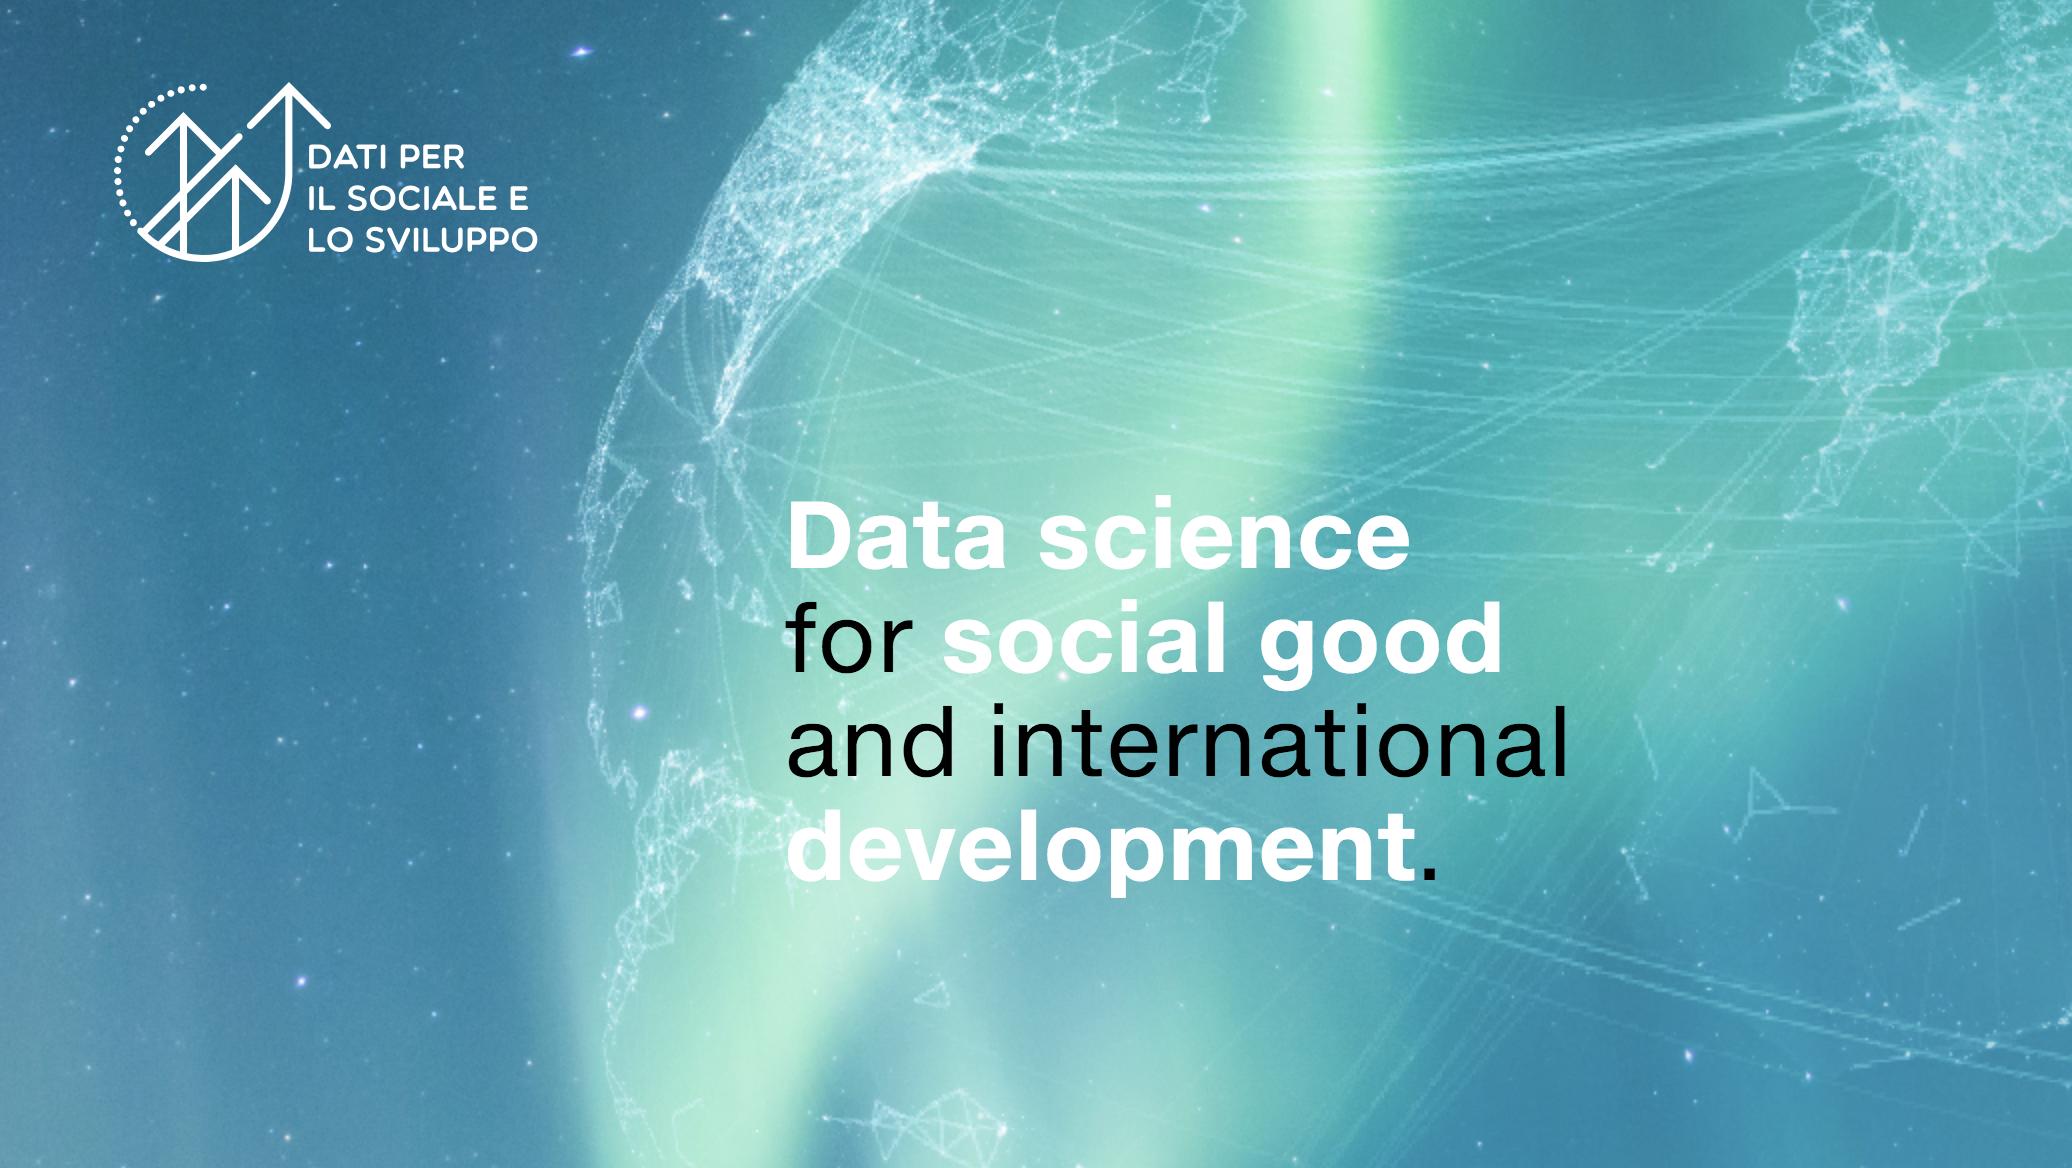 Dati per il sociale e lo sviluppo